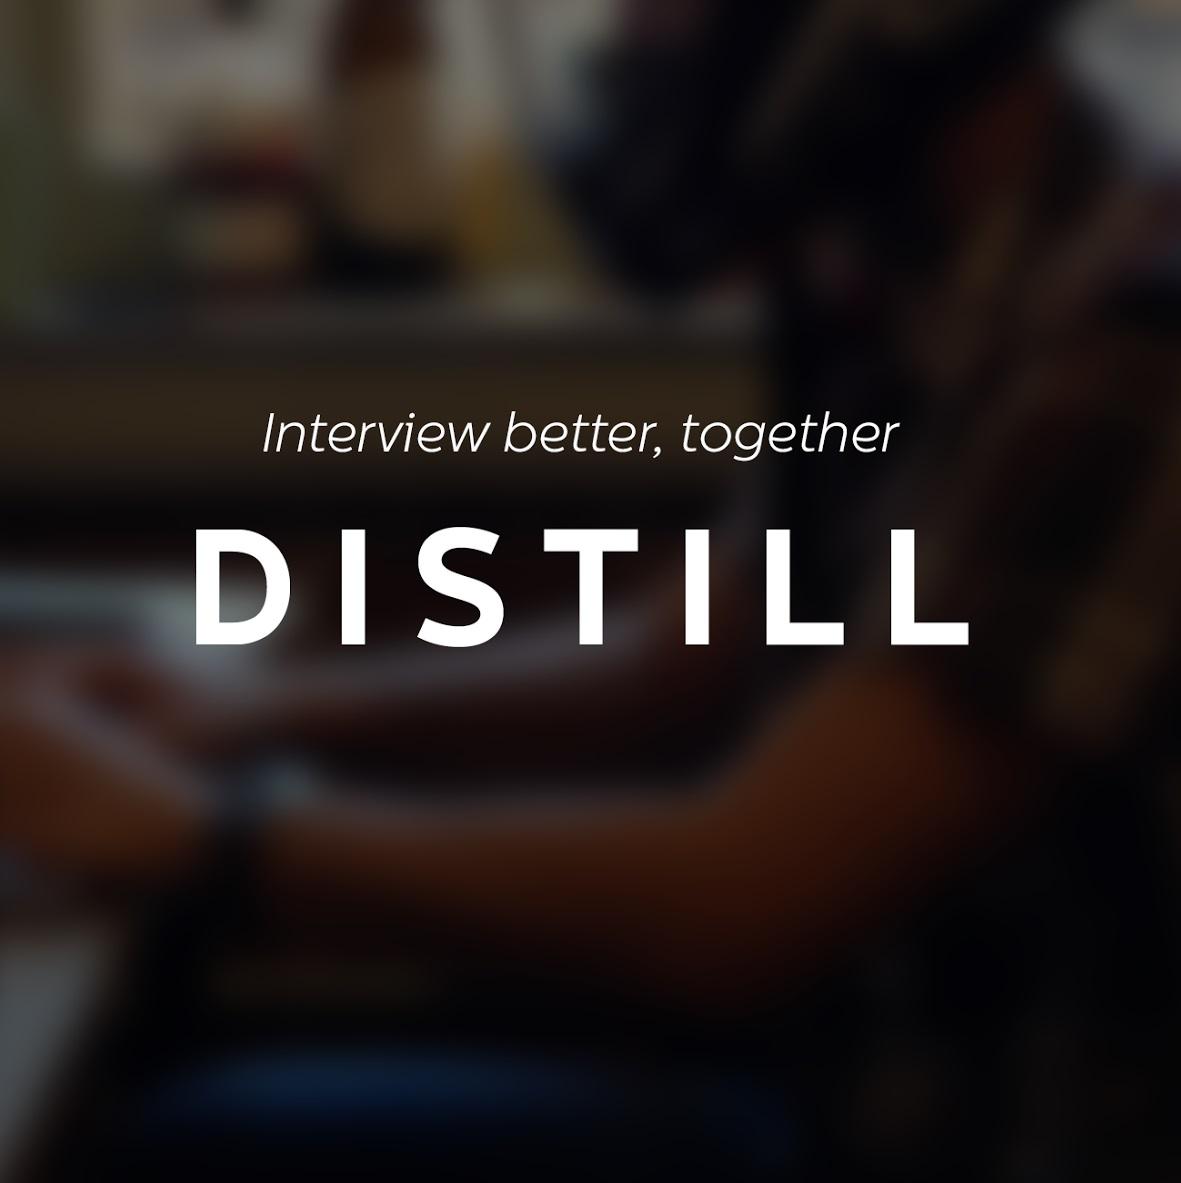 distill-yahoo